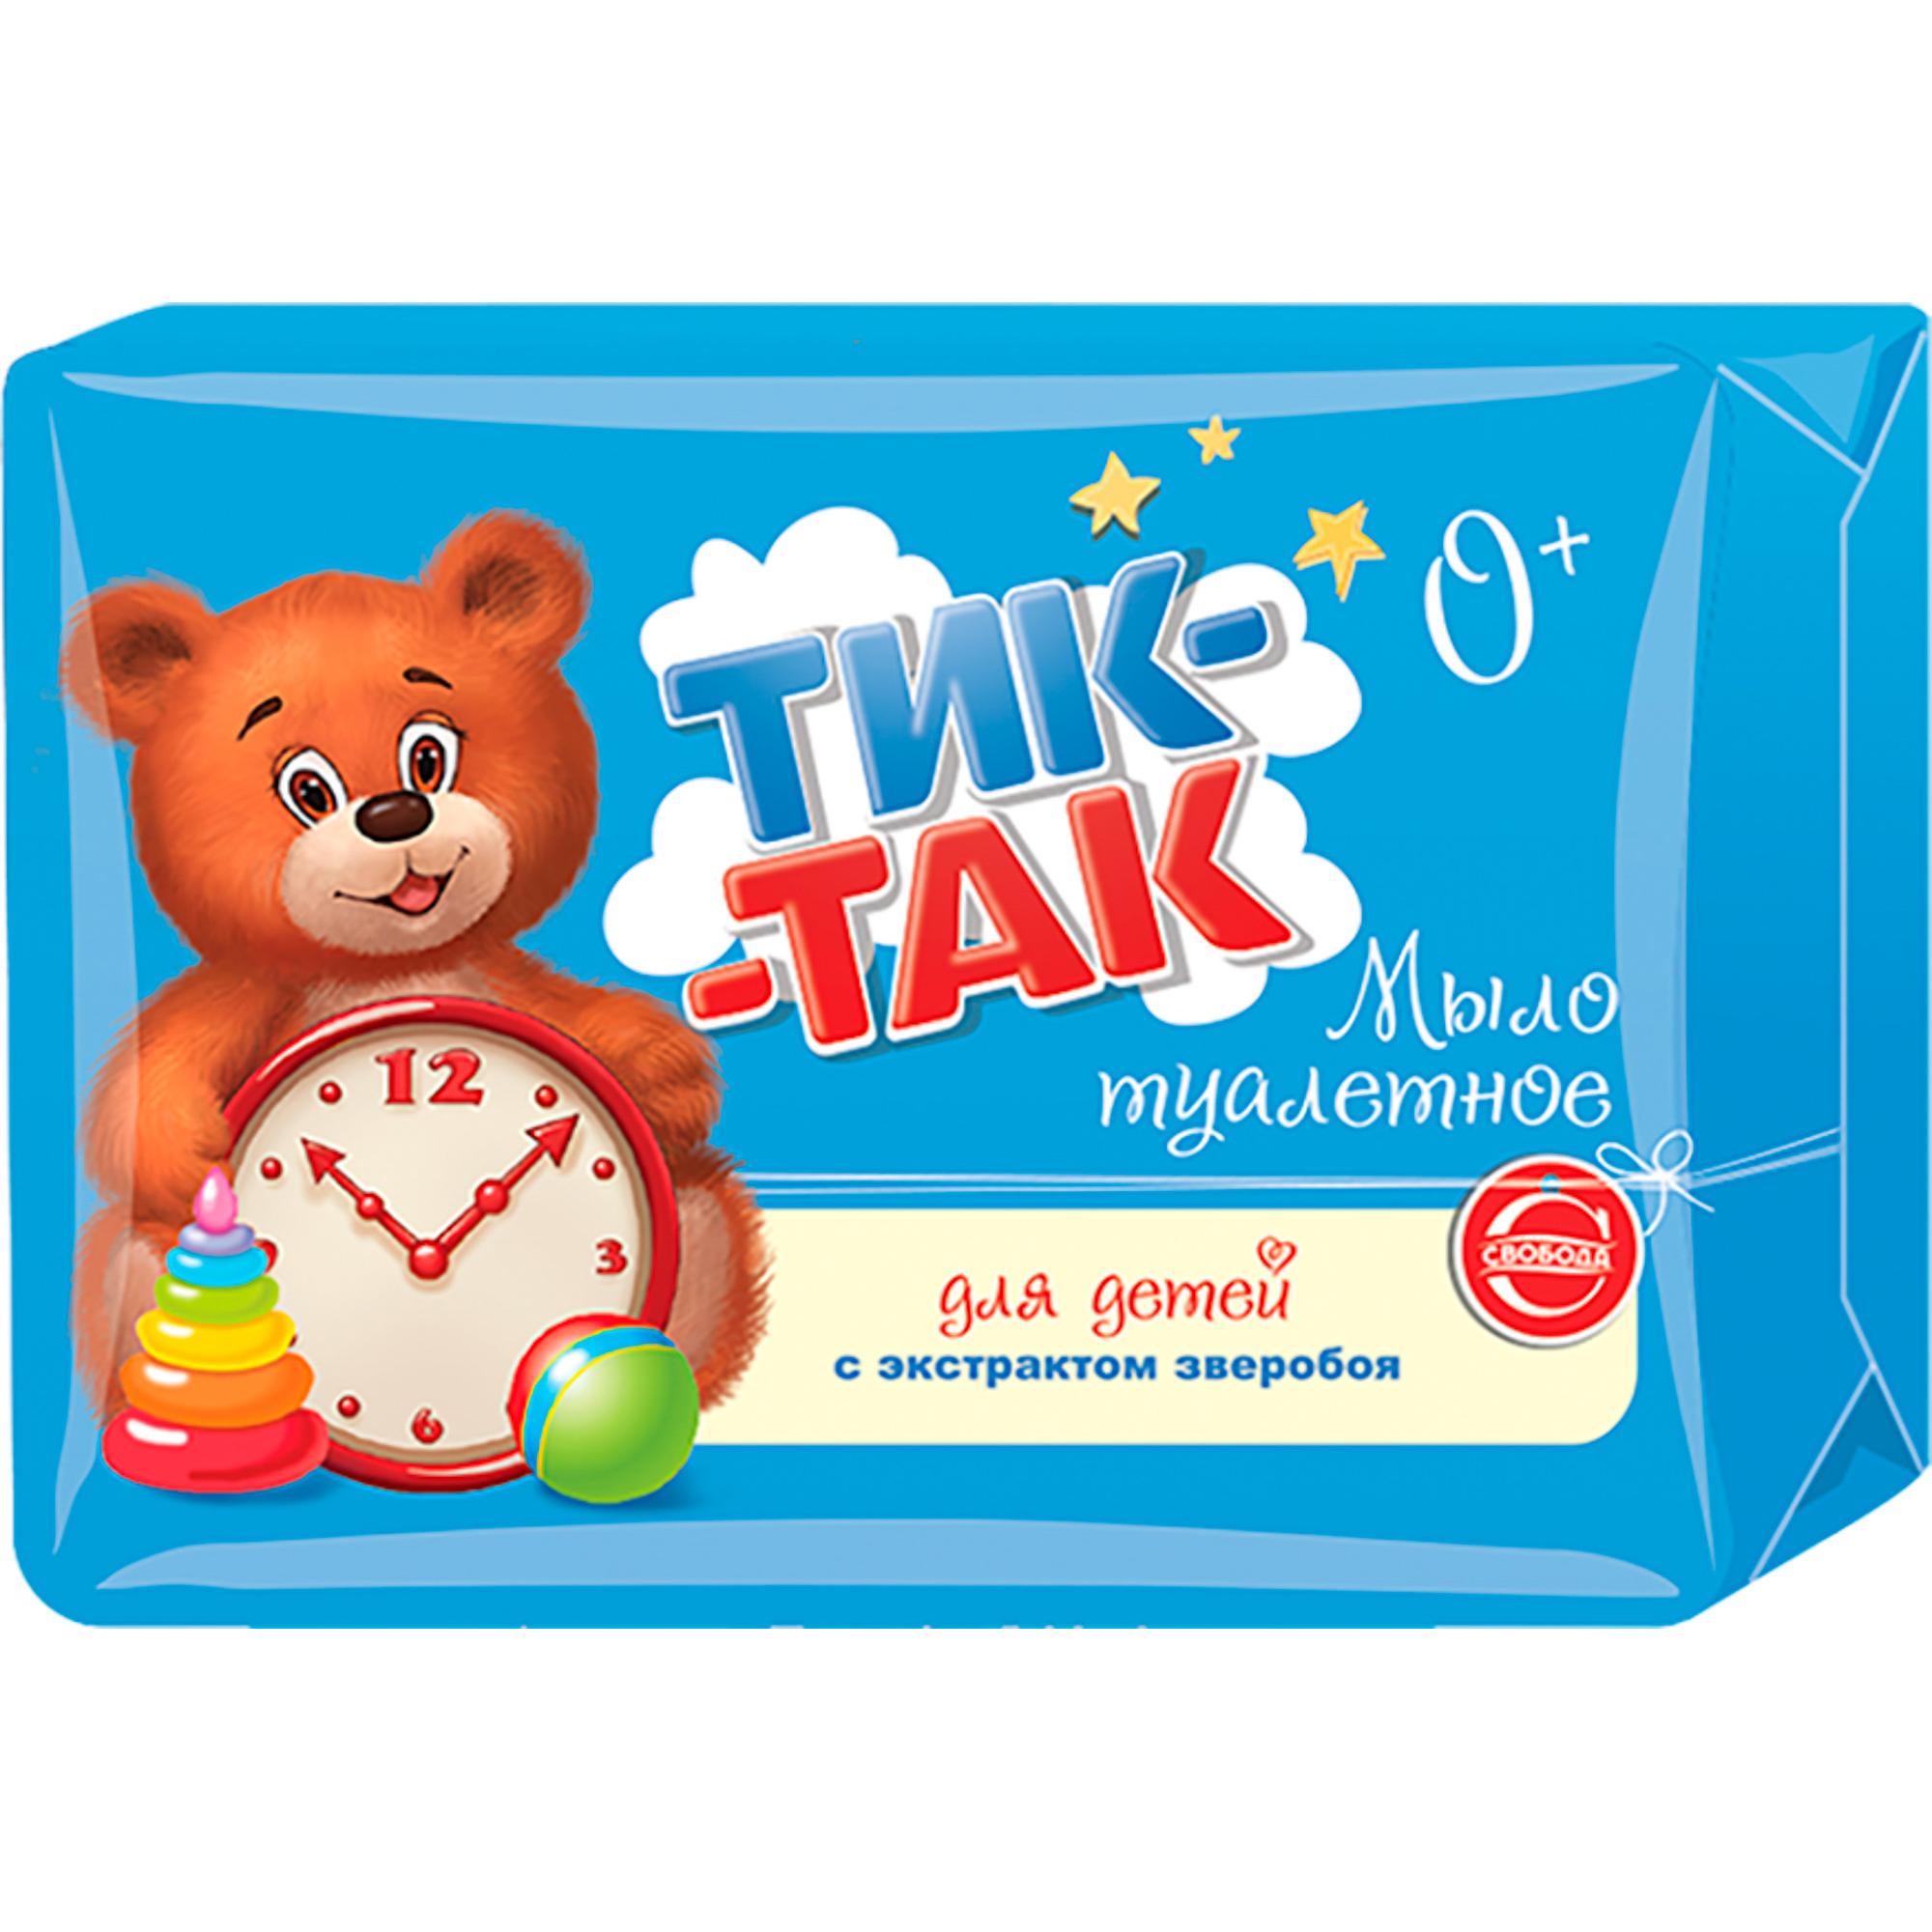 Детское мыло Тик-Так С экстрактом зверобоя 150 г.